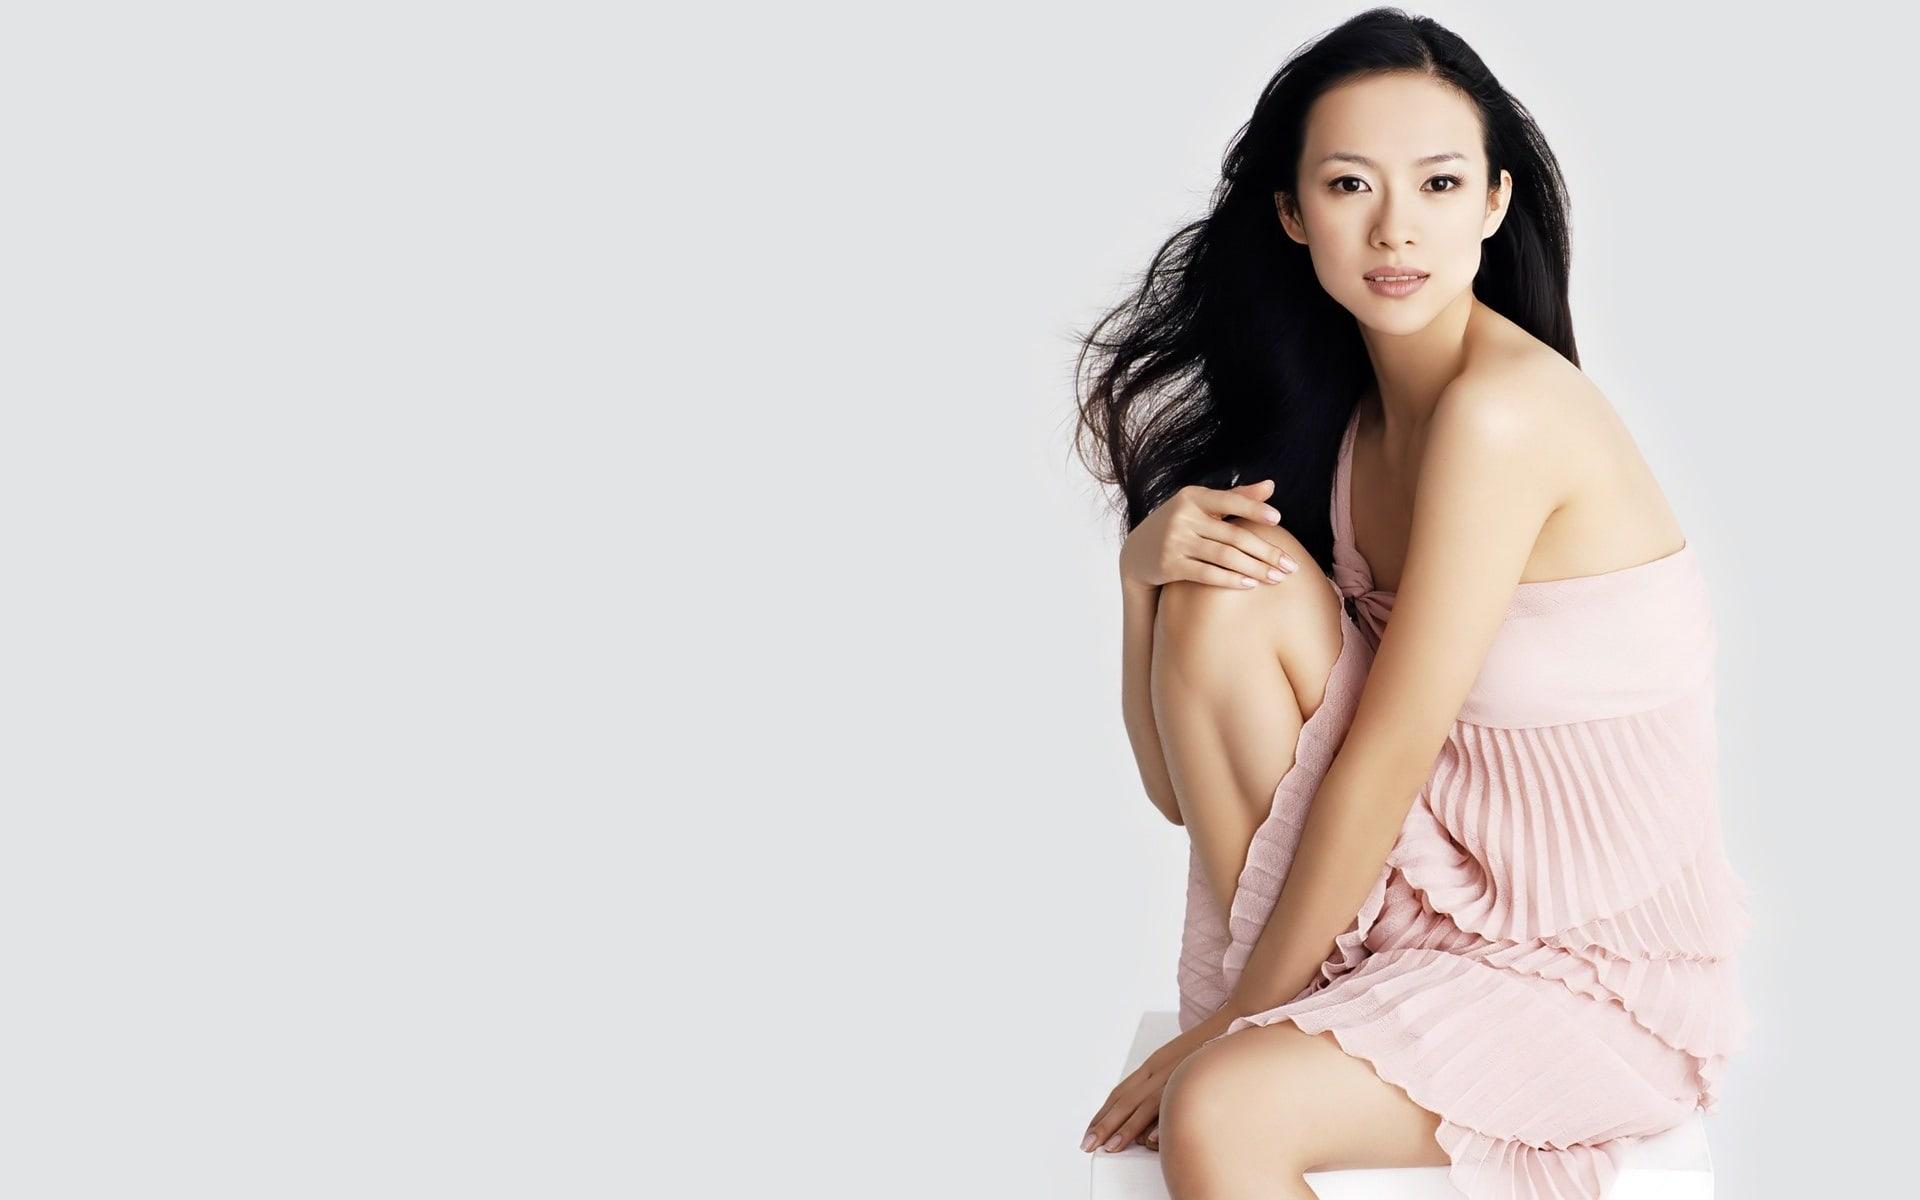 Ziyi Zhang Wallpapers hd